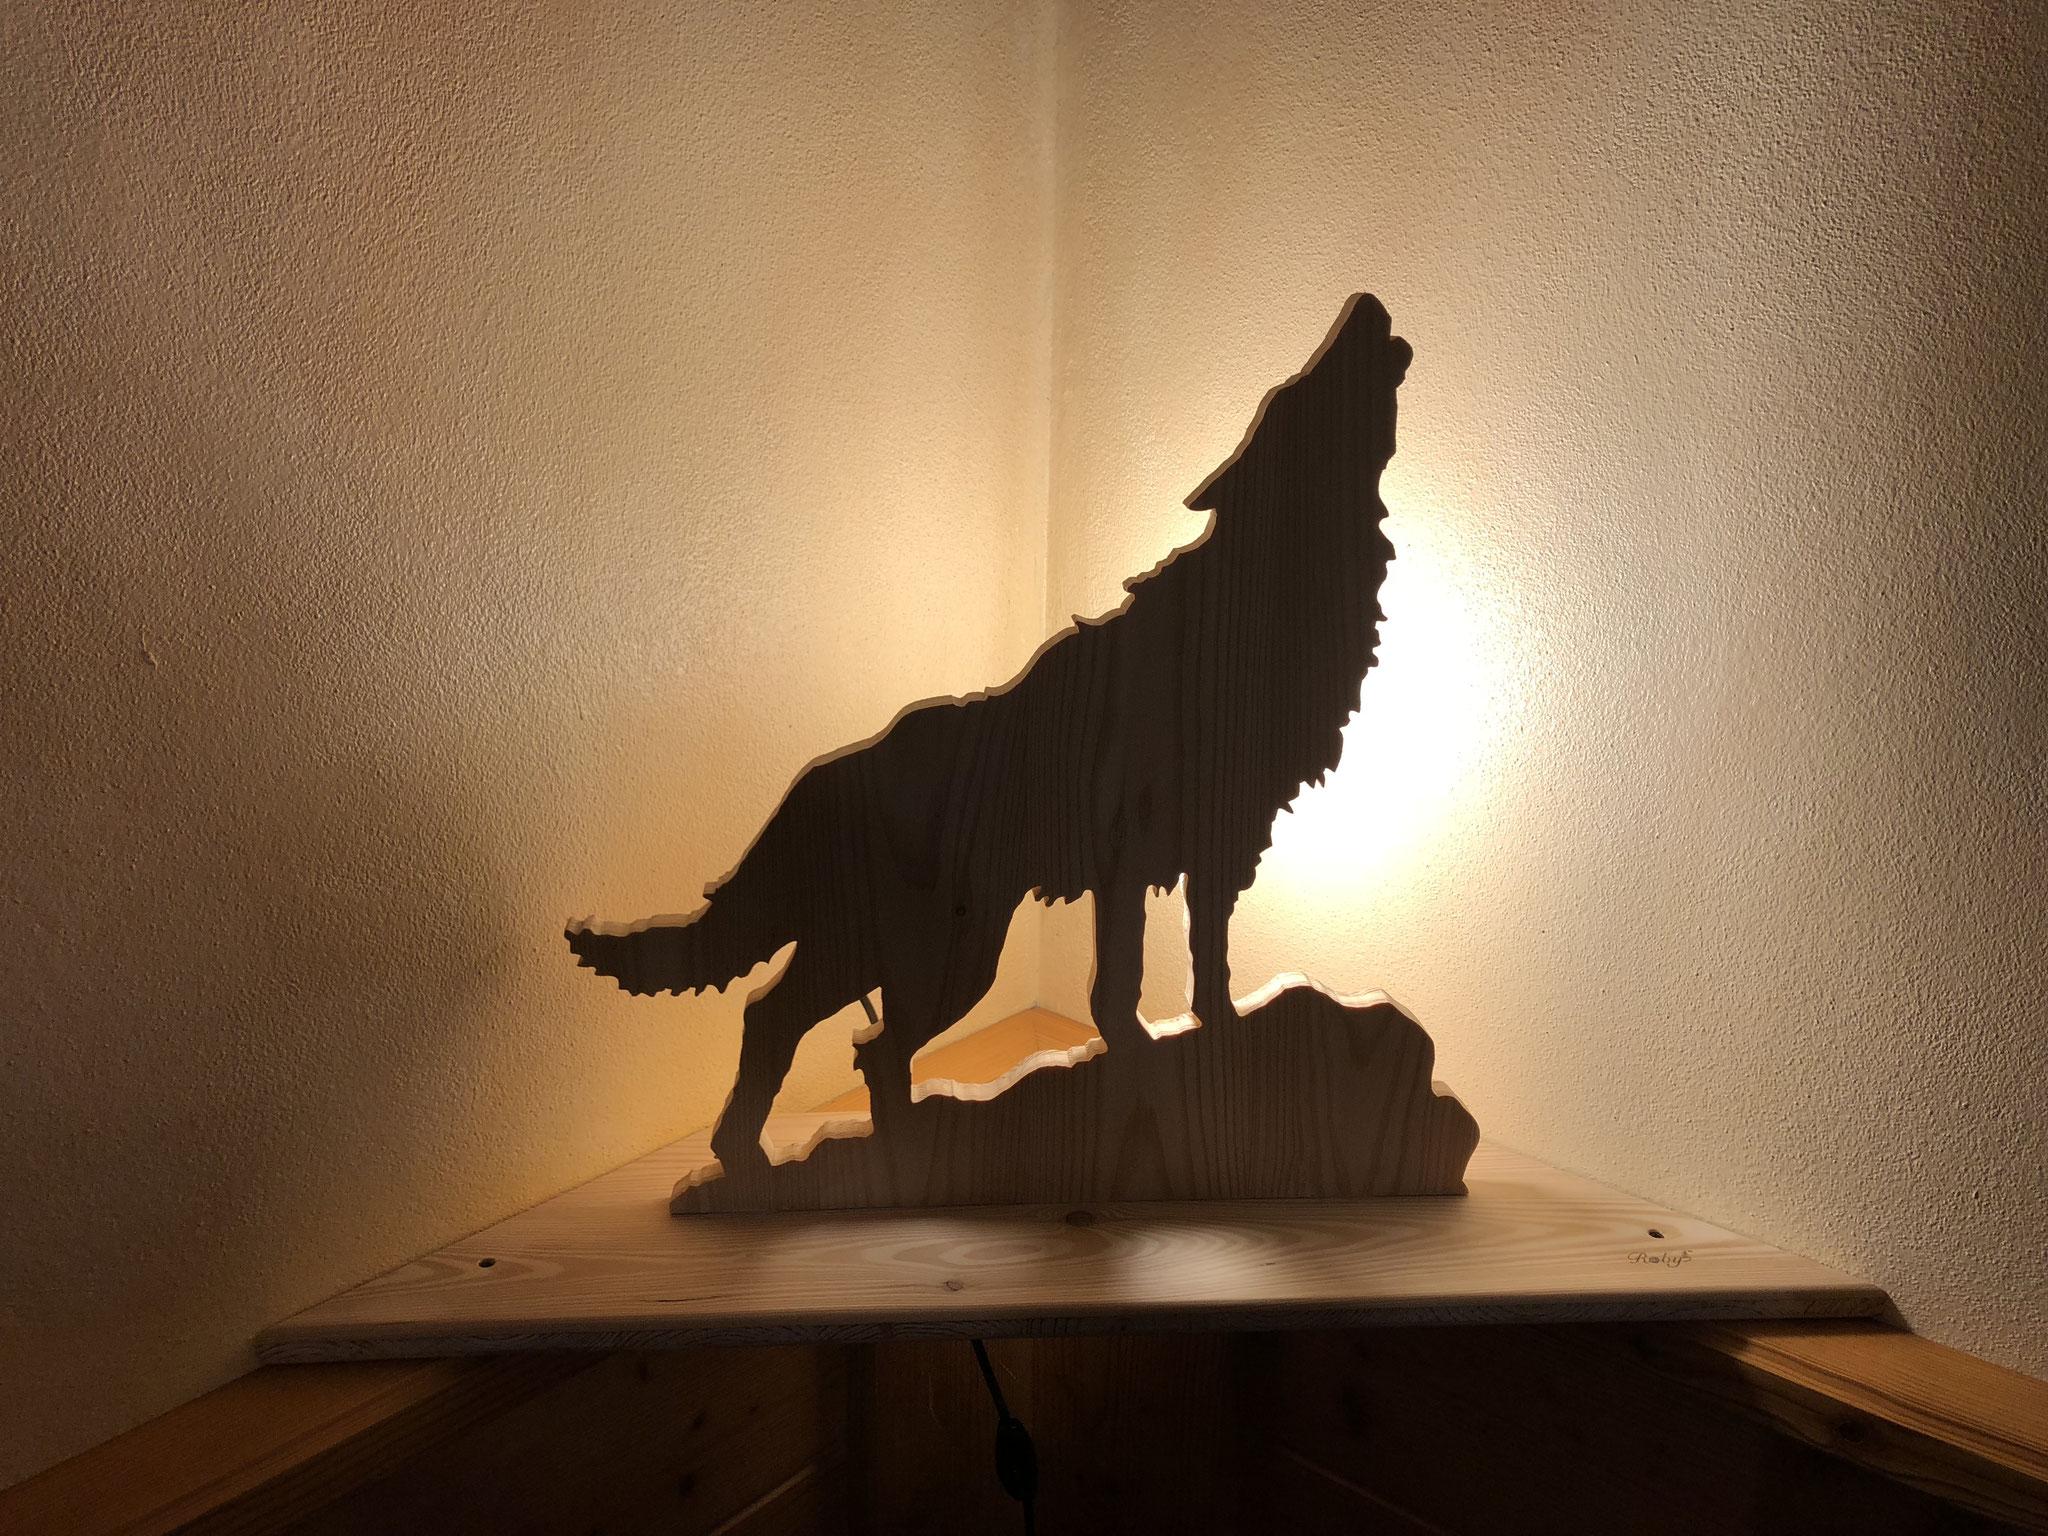 Lampada ad angolo a forma di lupo